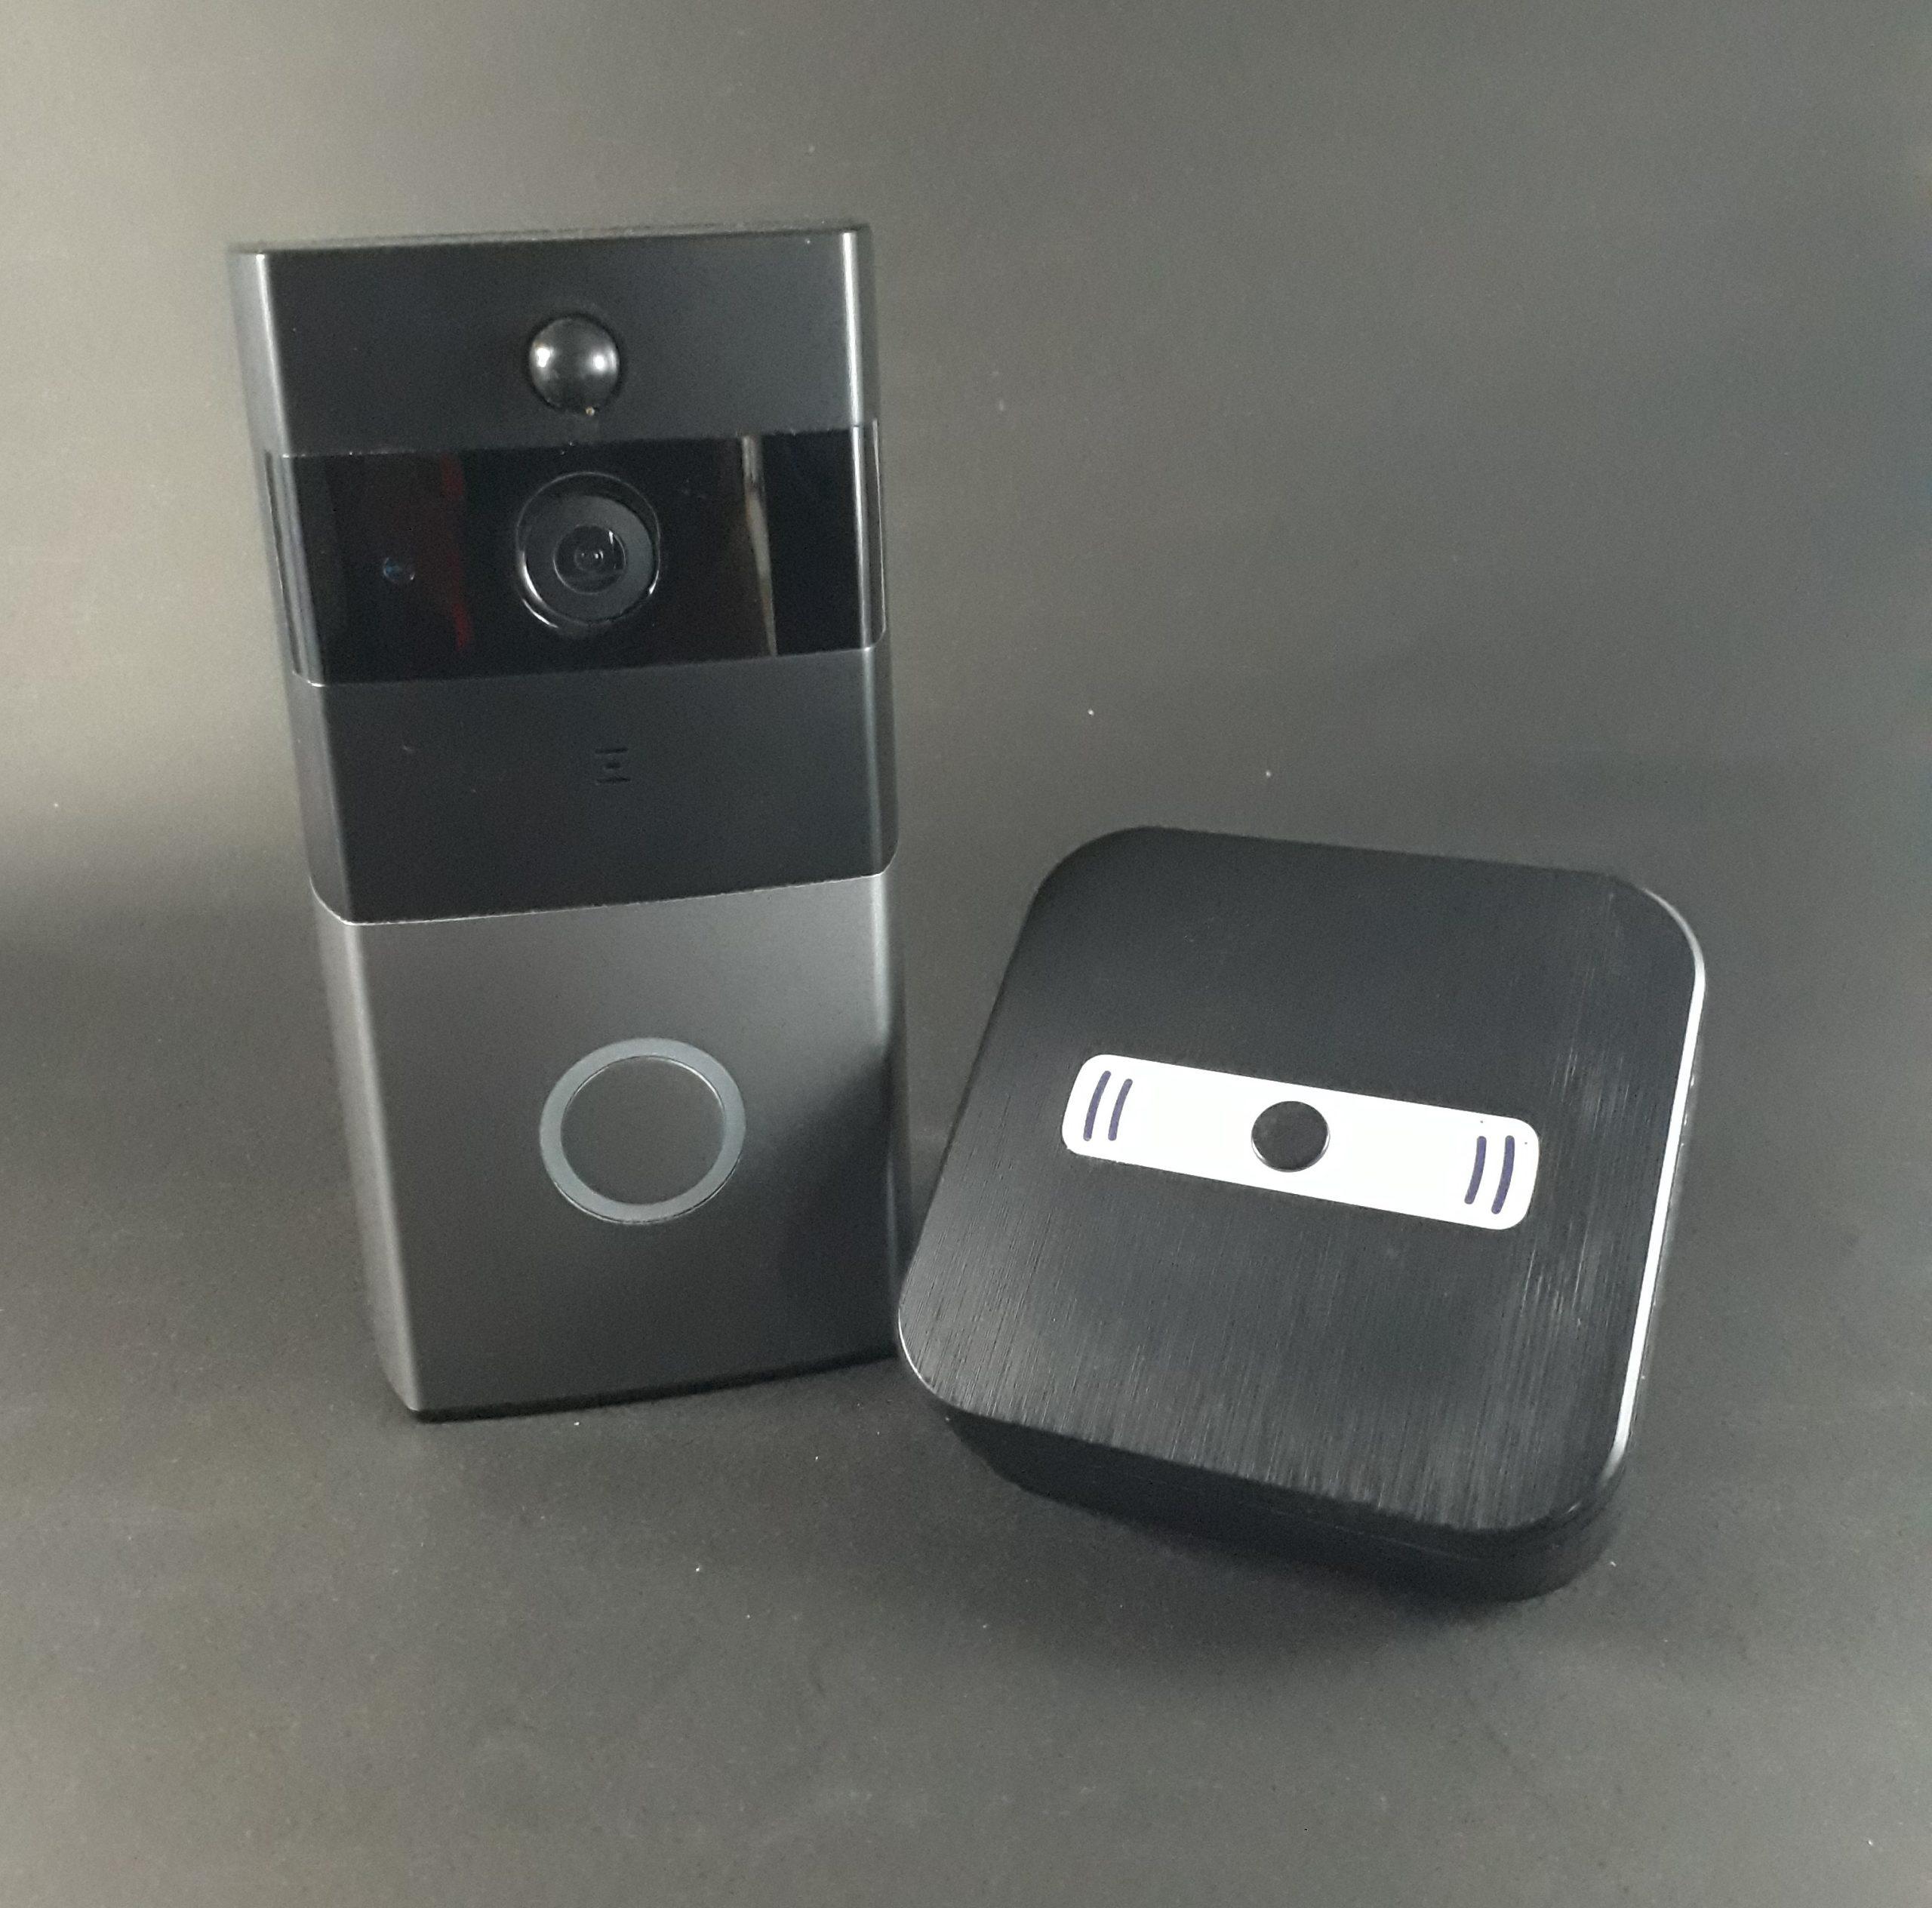 con La Visi/ón Nocturna Timbre Video WiFi De La C/ámara De Infrarrojos A Distancia Seguridad Timbre Monitoreo ZYJ Inteligente WiFi Timbre Video Portero